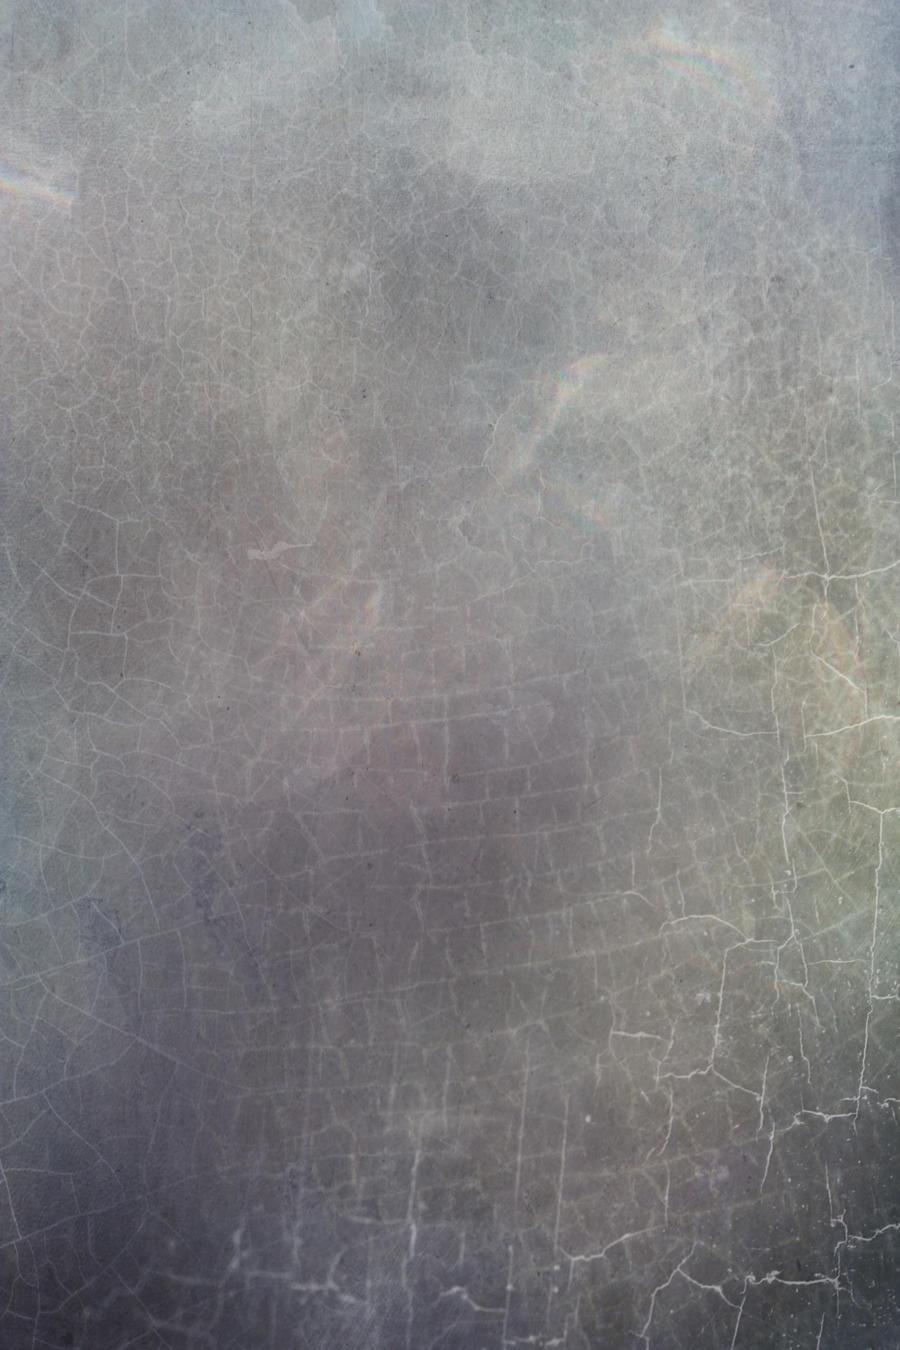 Texture 296 by Sirius-sdz